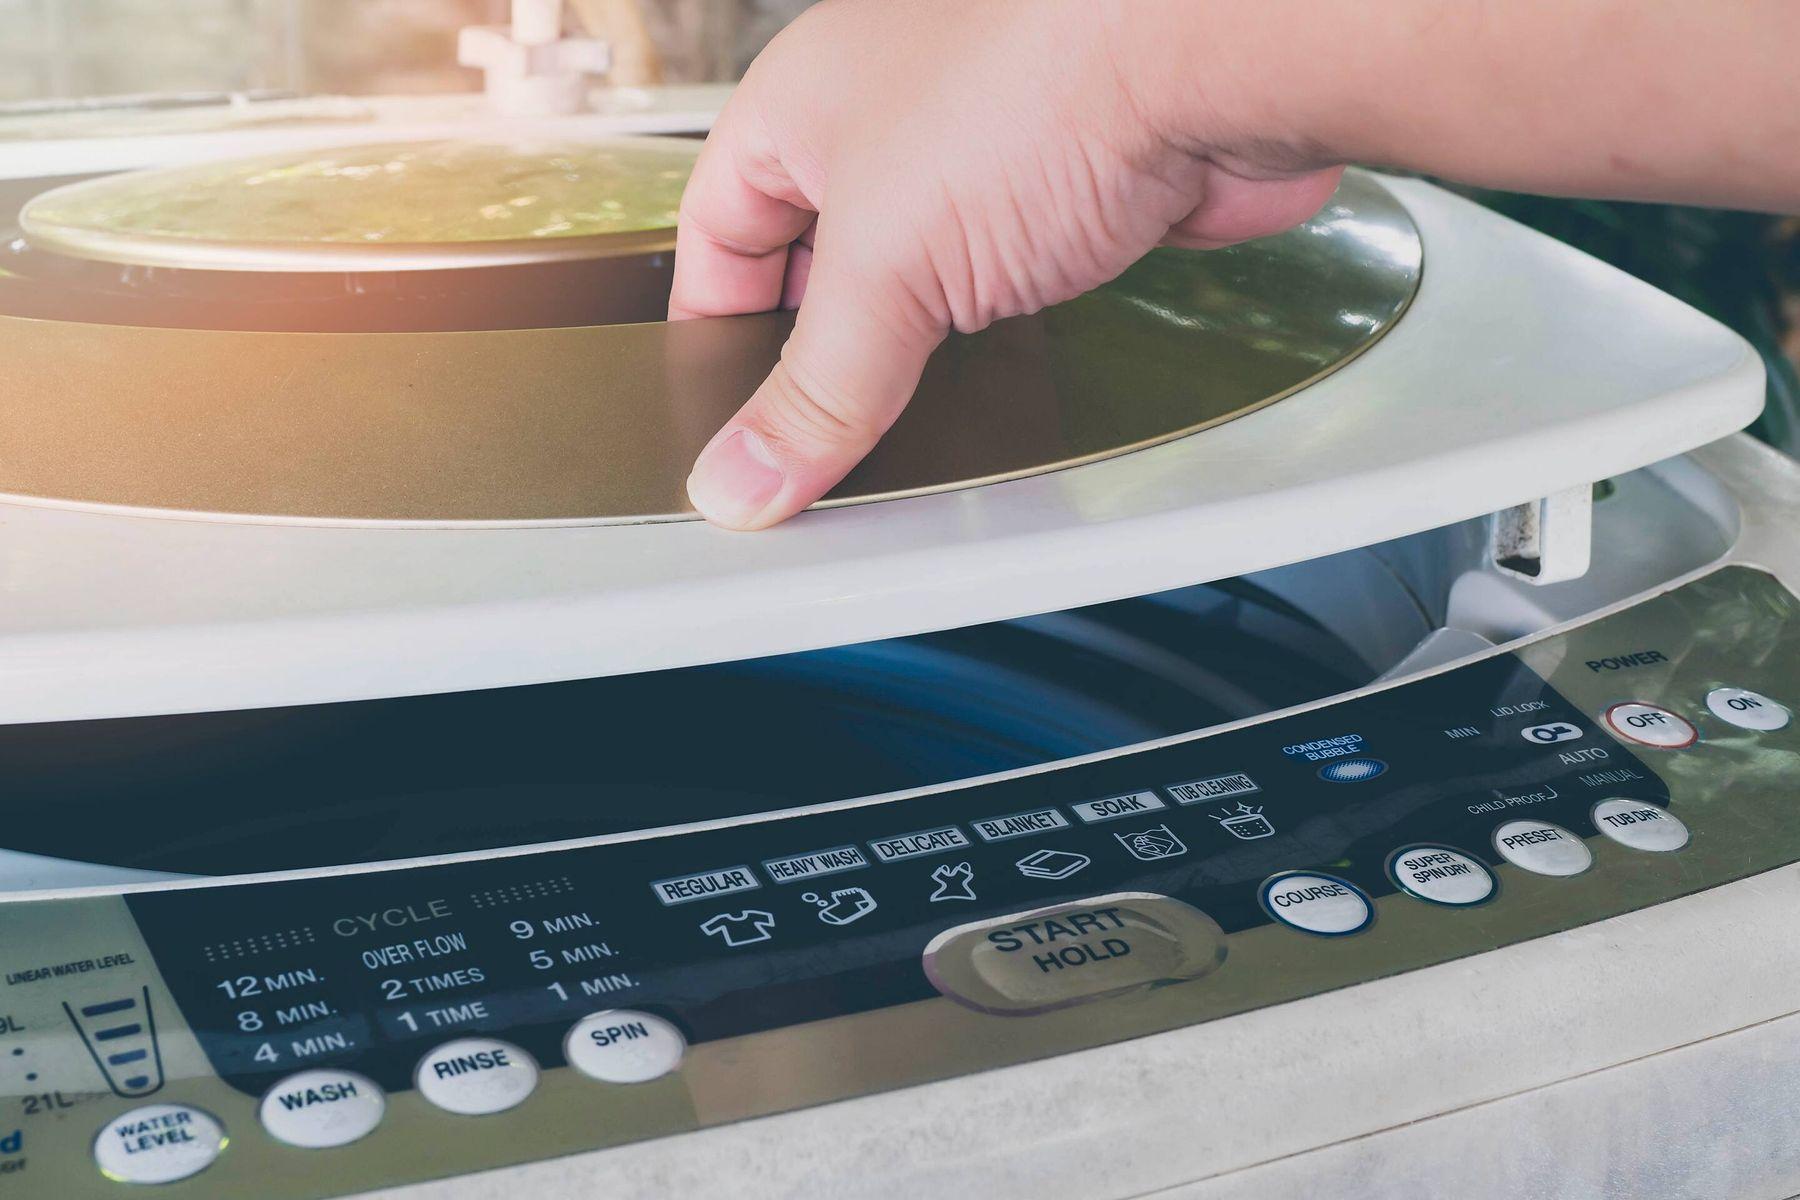 सेमी-ऑटोमैटिक वॉशिंग मशीन ख़रीदने से पहले जानिए ये जानकारी | क्लीएनीपीडिया